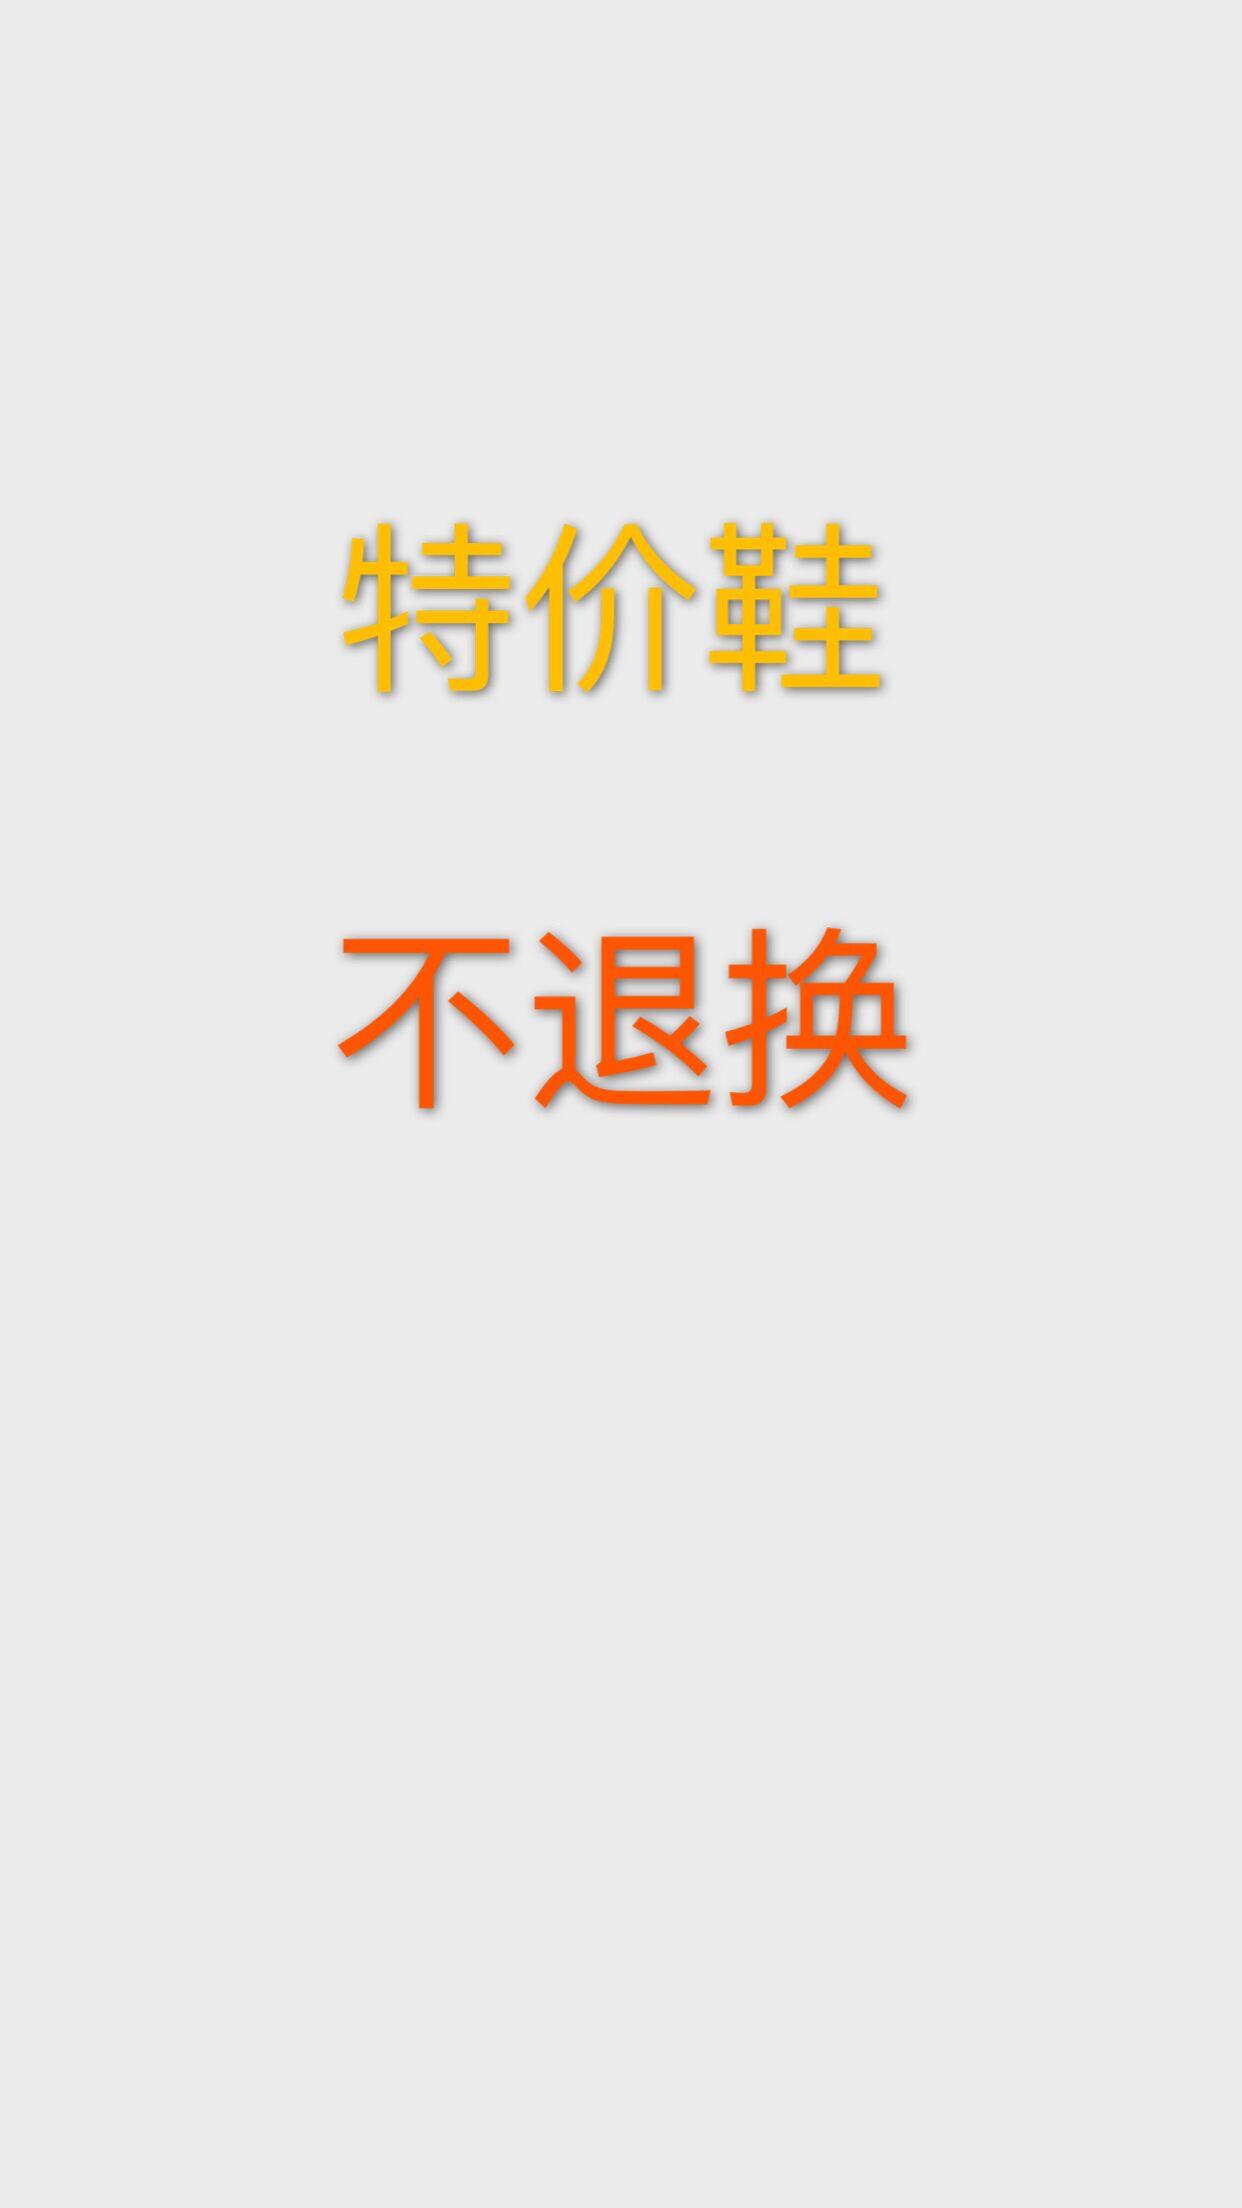 Специальное предложение обувной , не возвращены 29.9 юань , virgine не возвращены